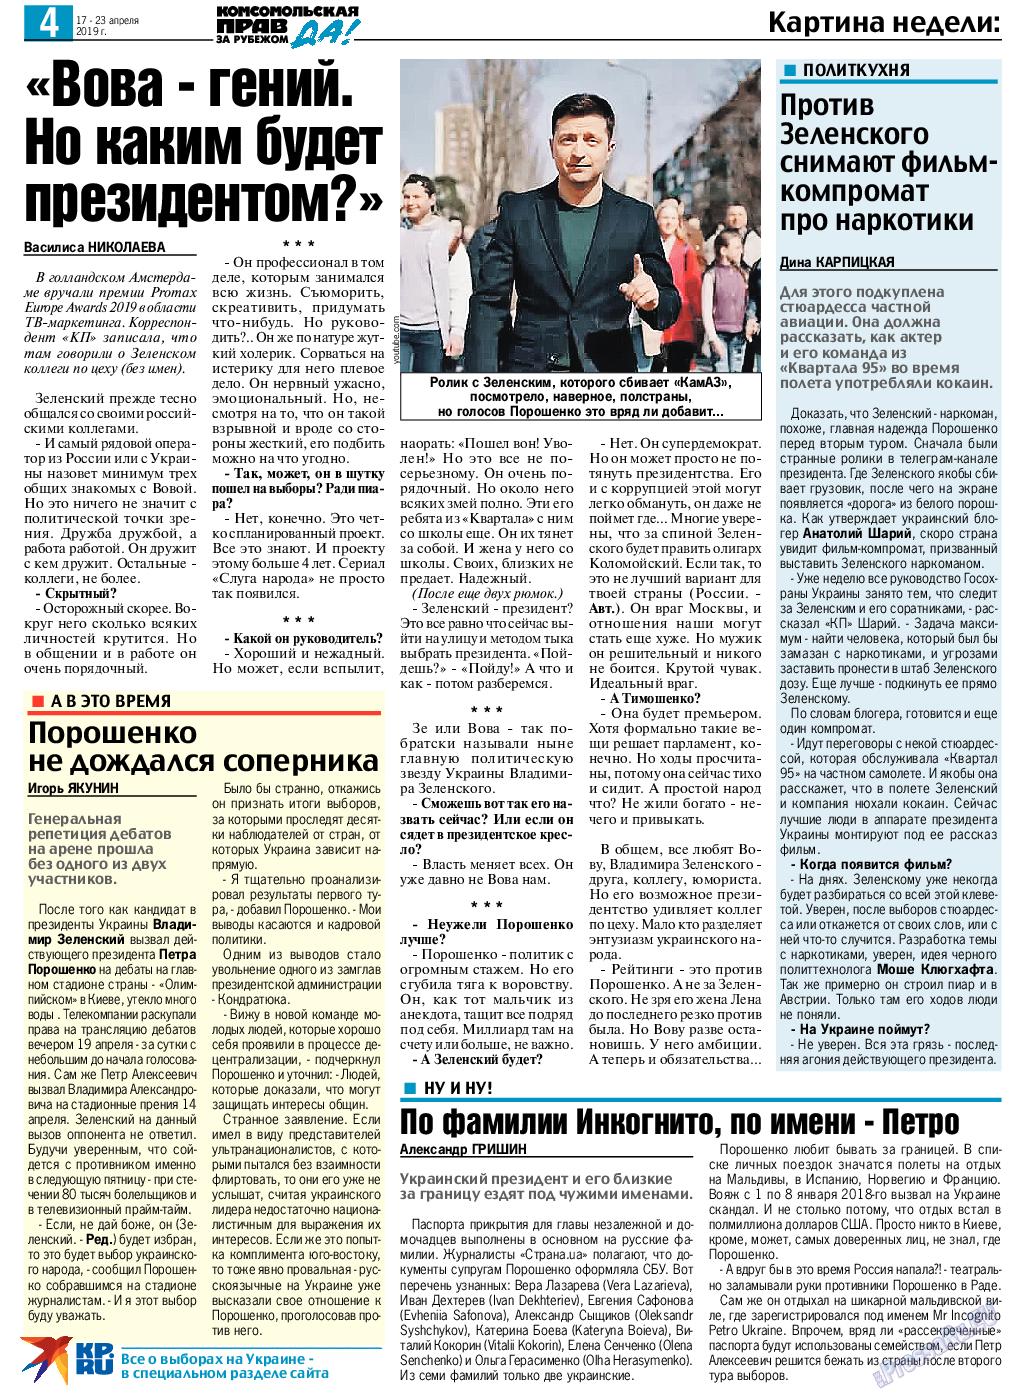 КП в Европе (газета). 2019 год, номер 16, стр. 4